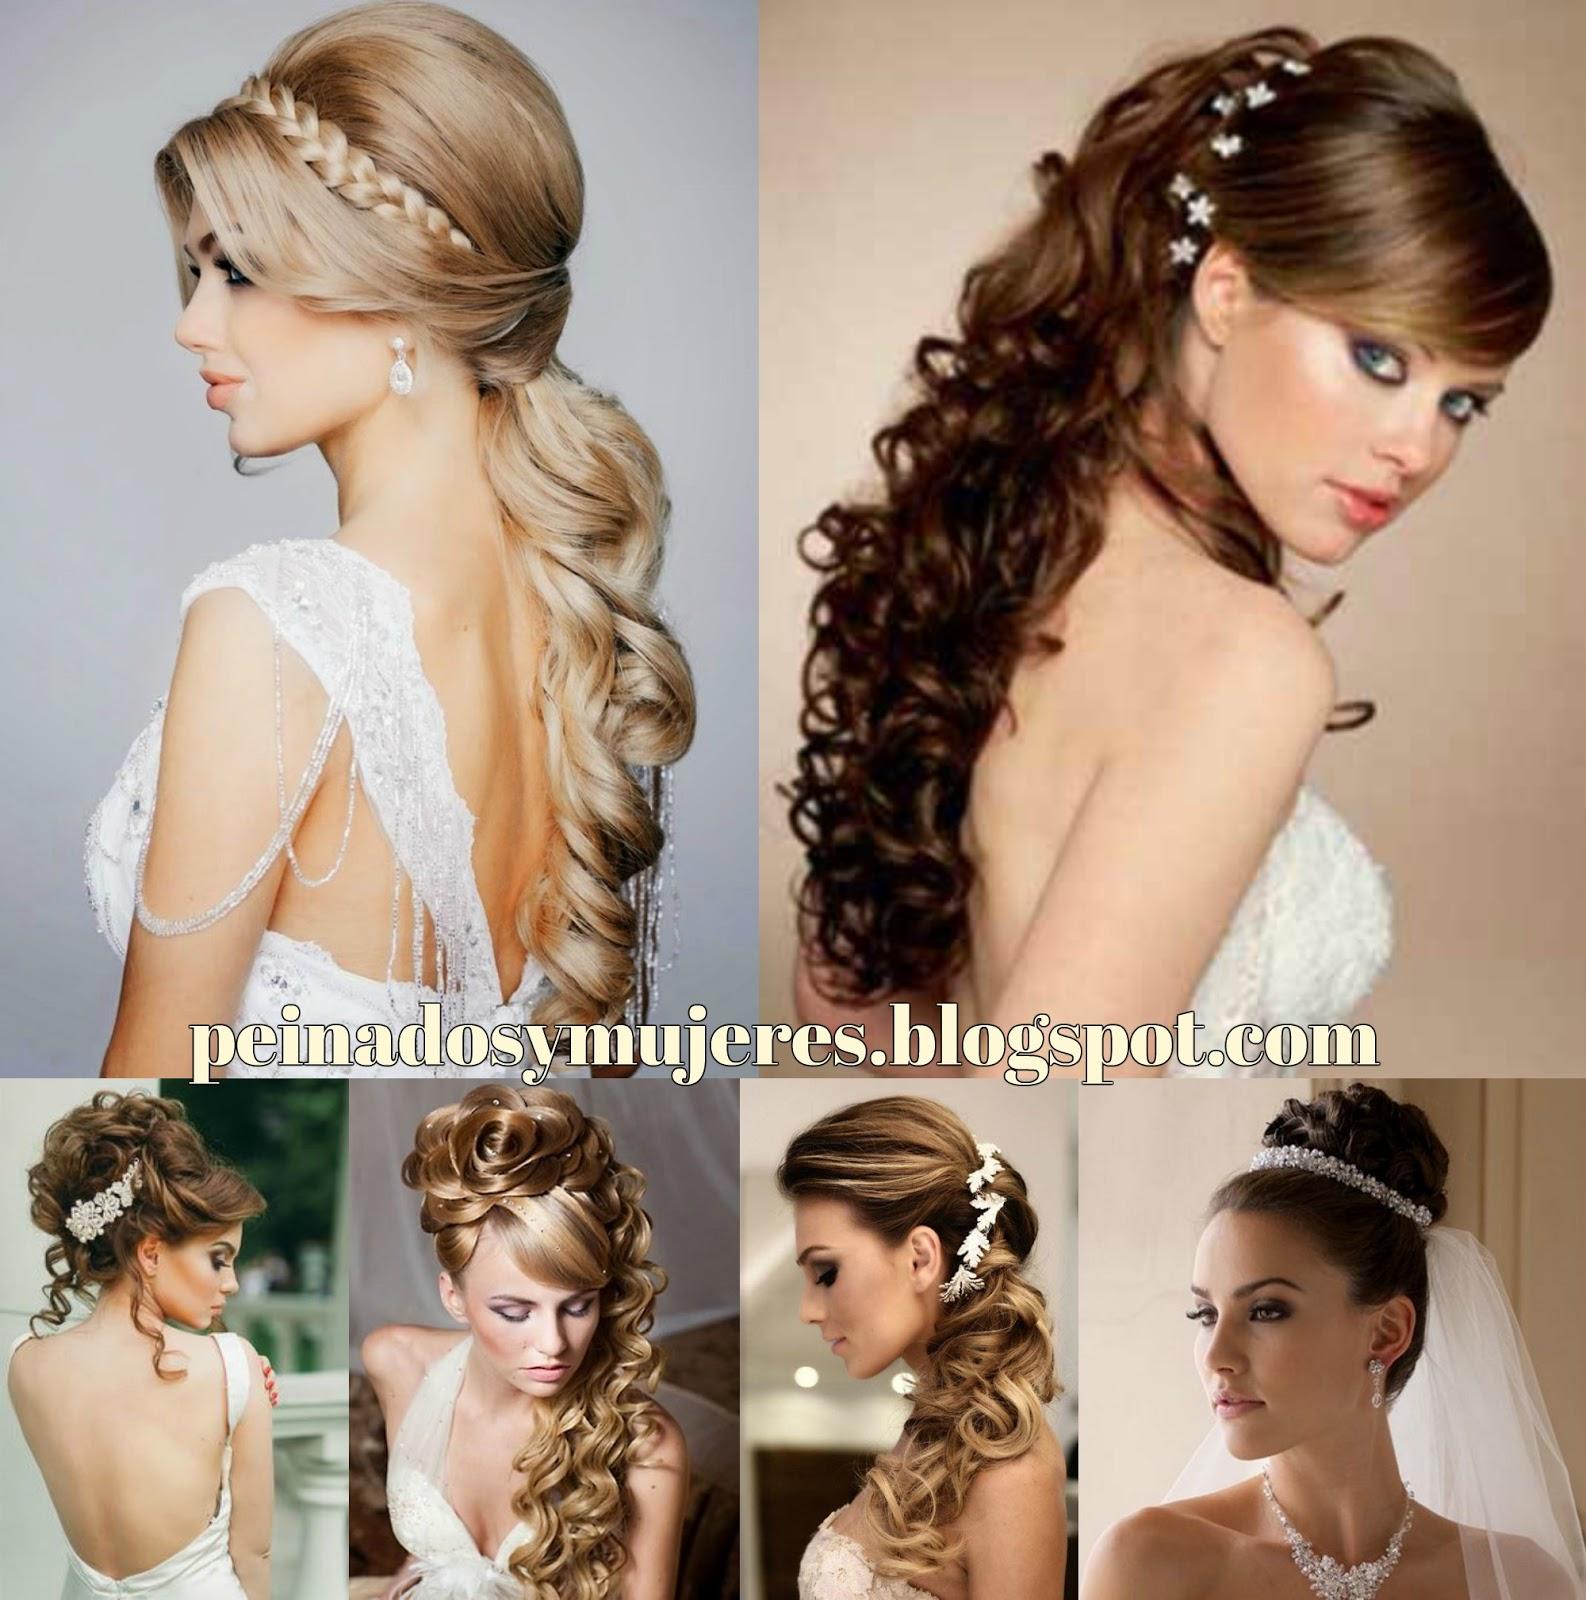 Vestidos Peinados Y Maquillaje - Peinados + maquillaje + Vestido de novia= Guapisima novia de Casa